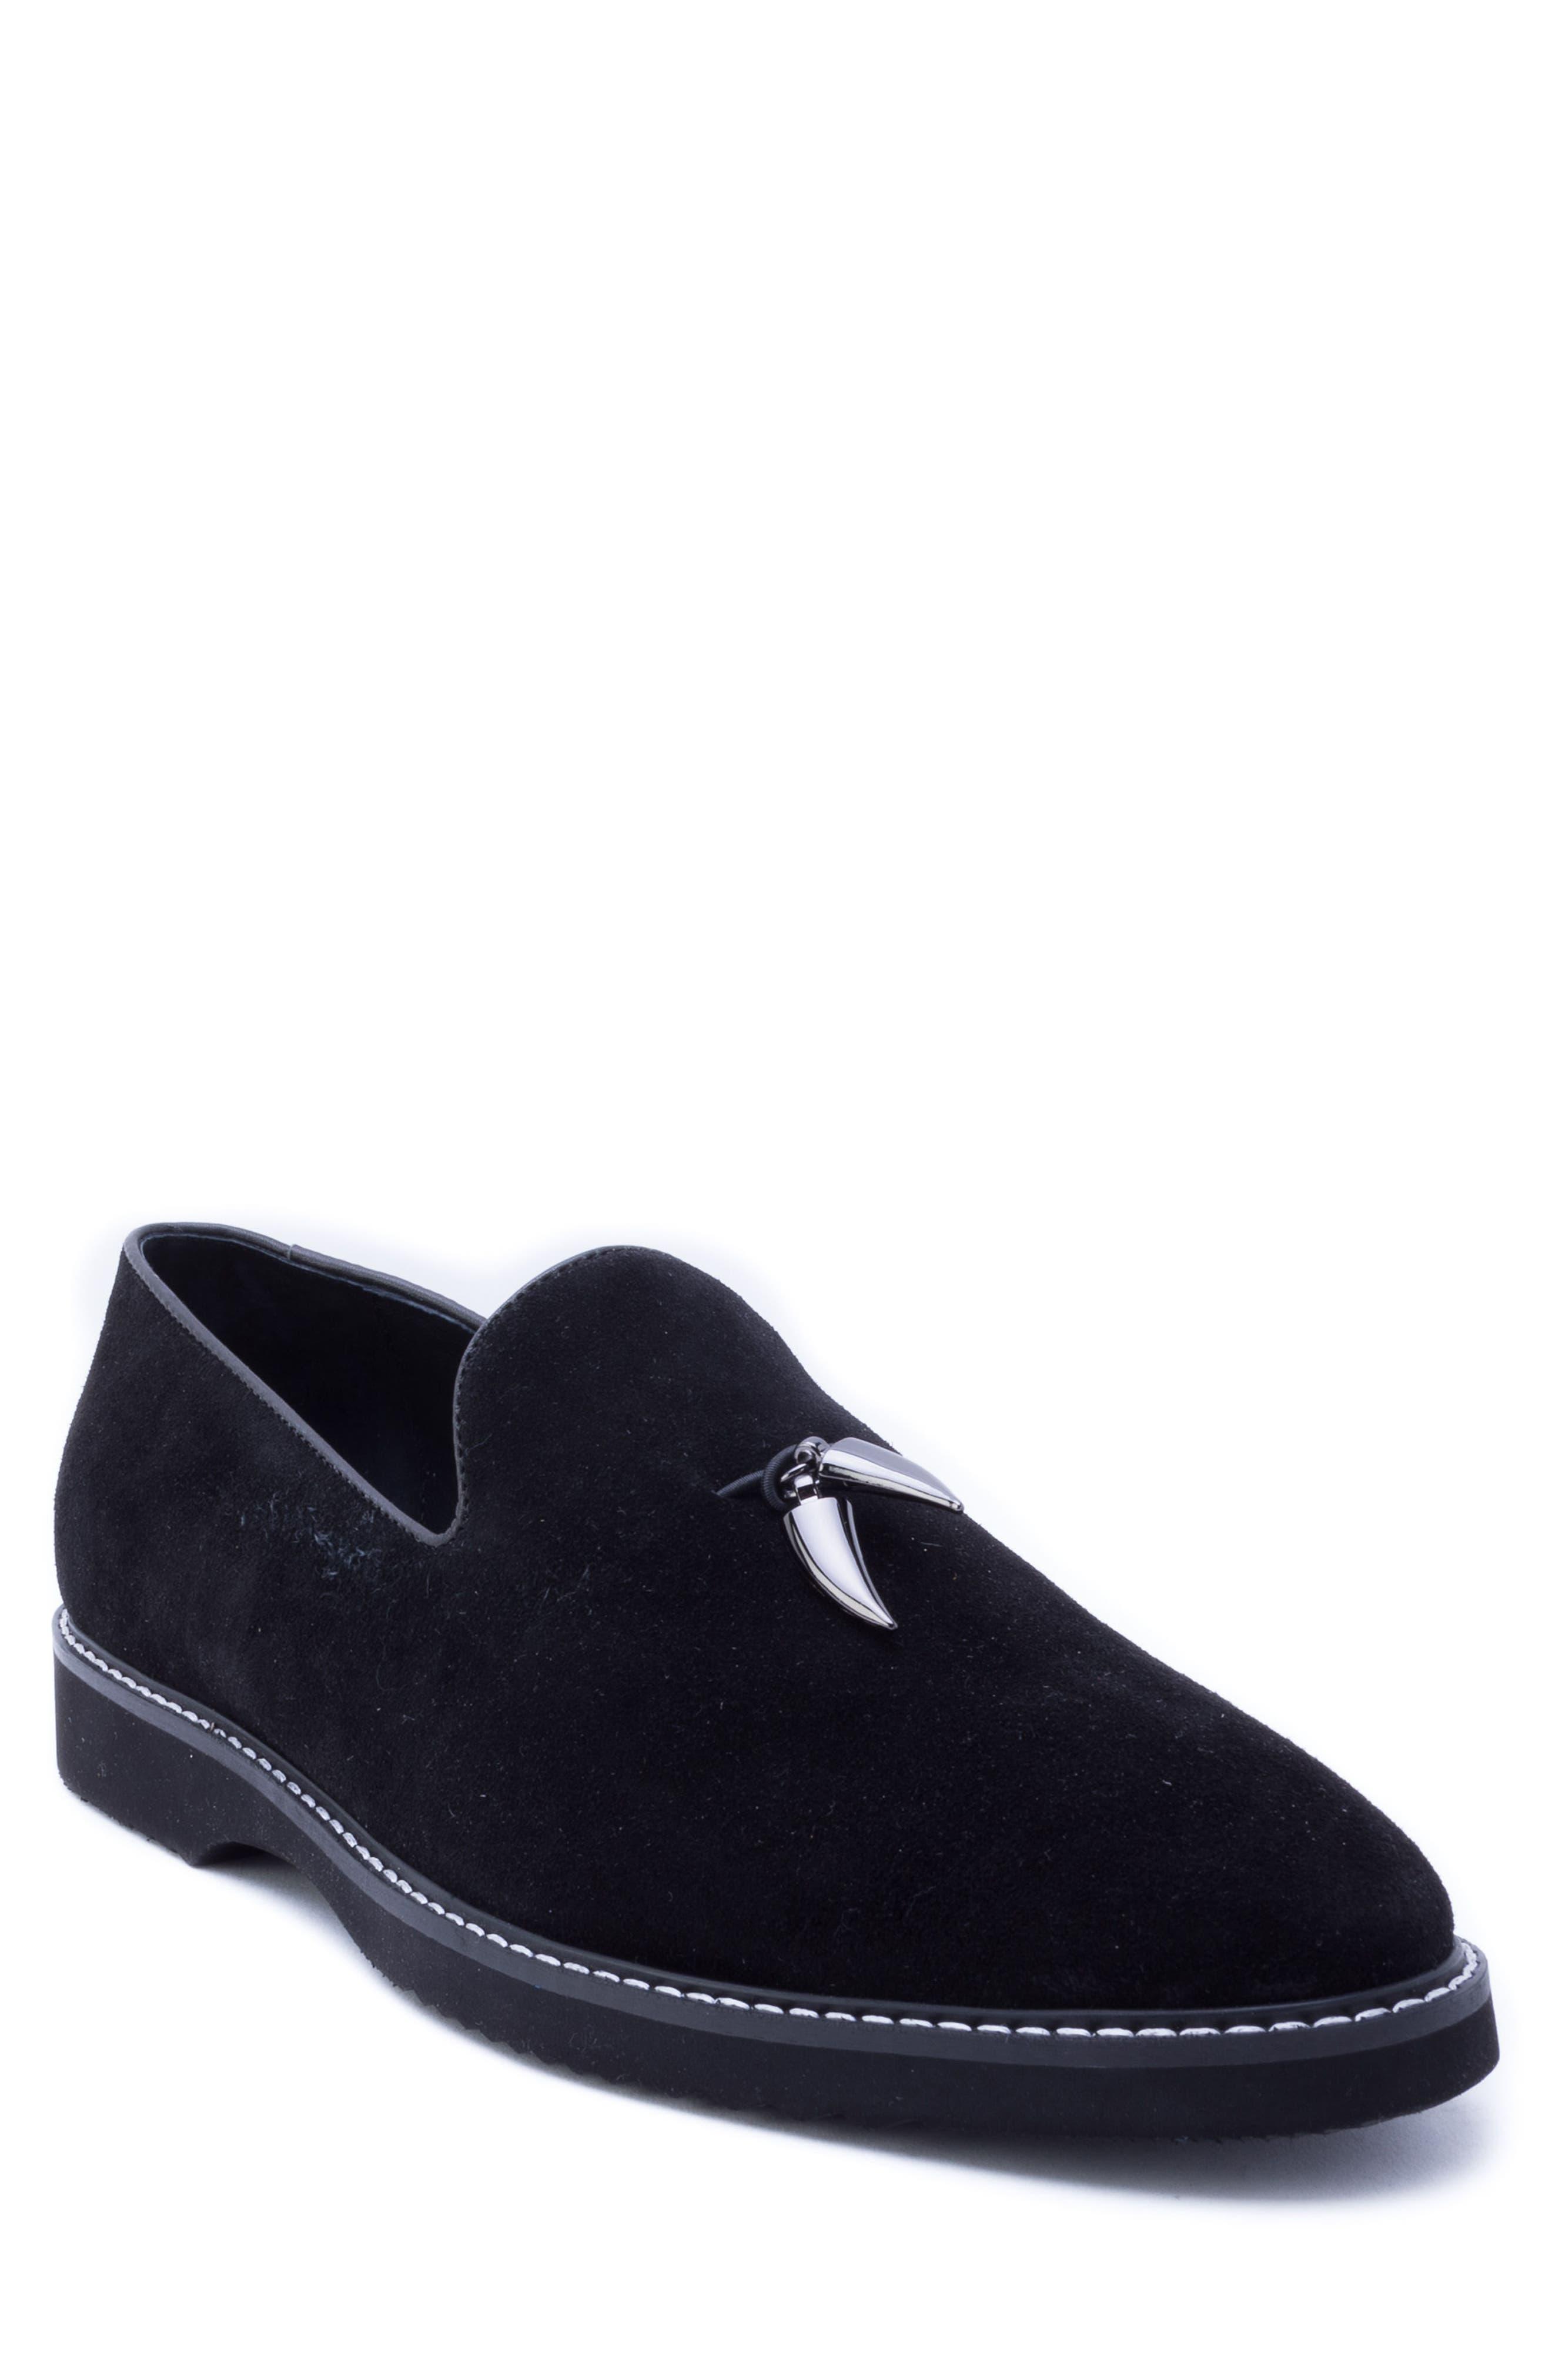 Horn Tassel Loafer,                         Main,                         color, BLACK SUEDE